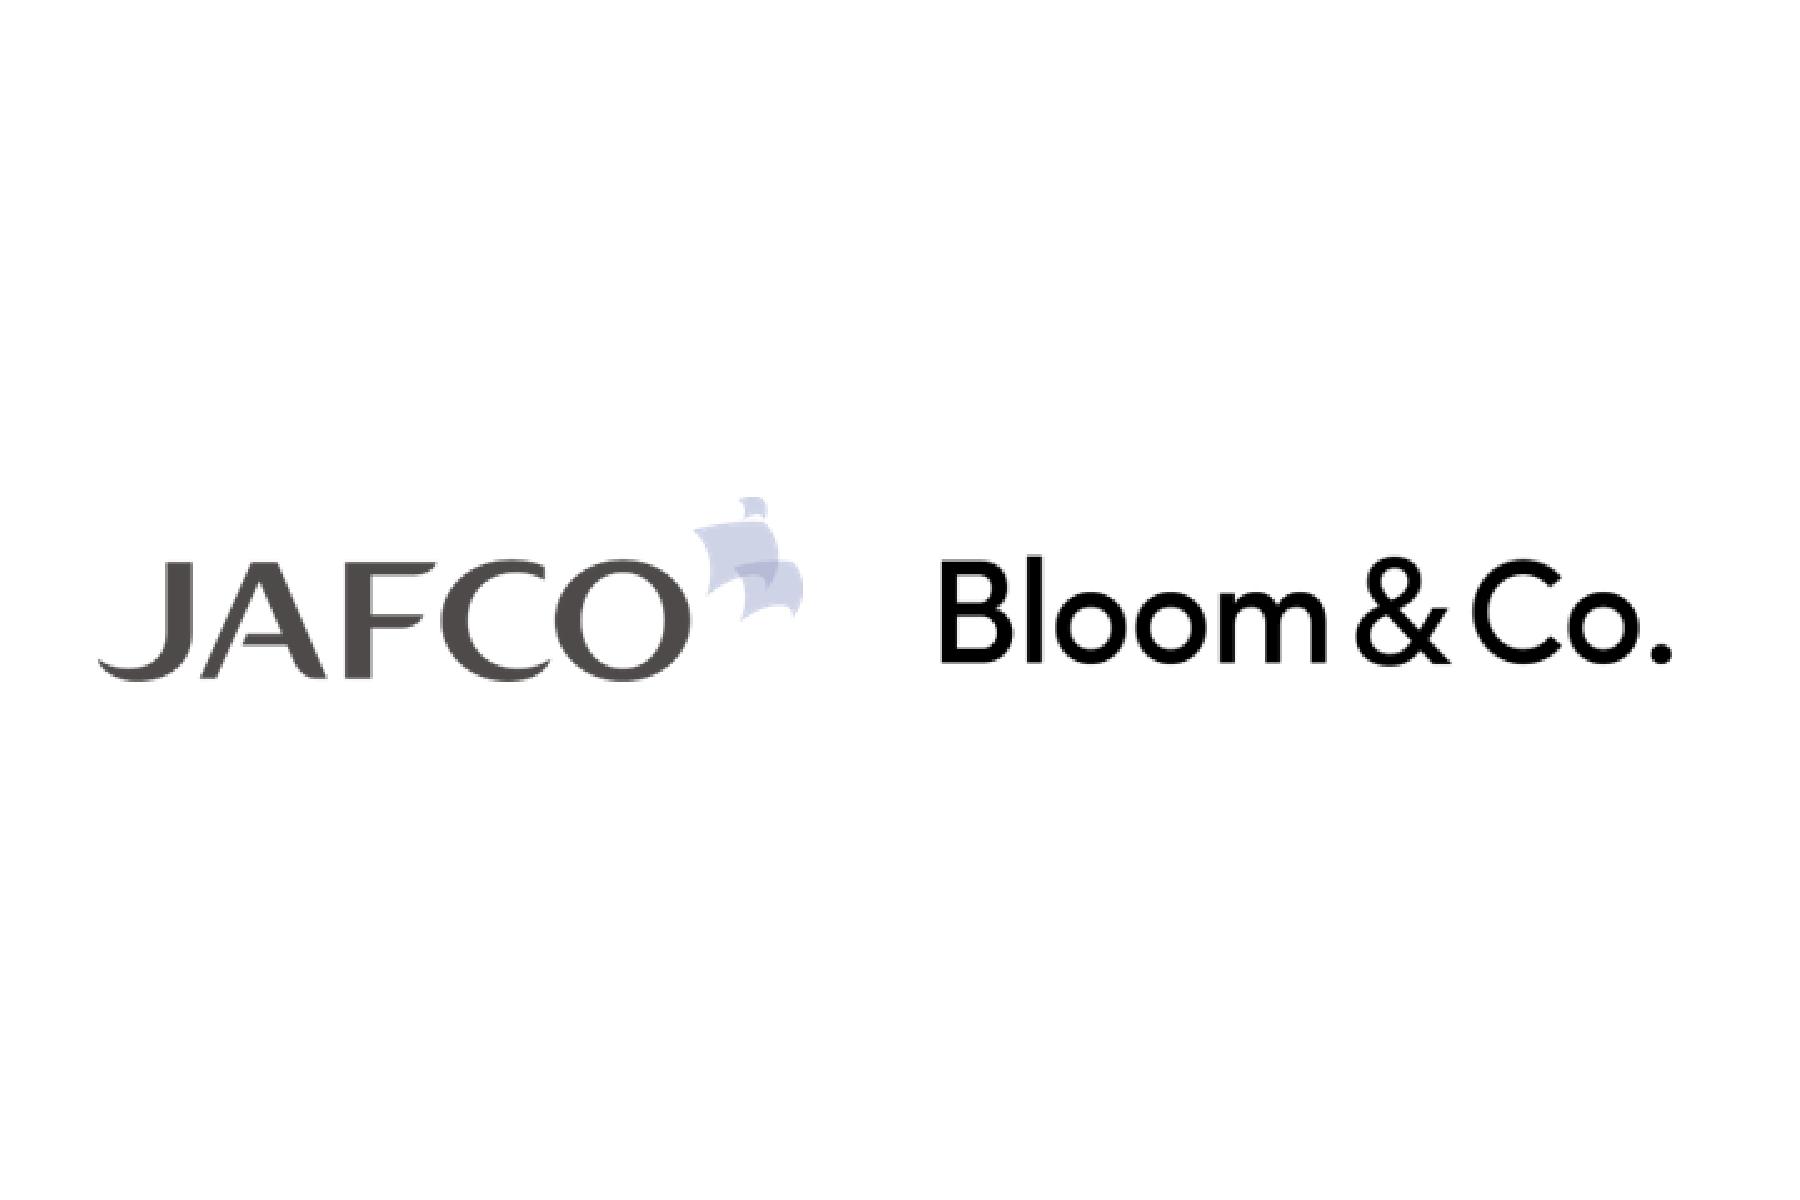 ジャフコ×Bloom&Co. | スタートアップ企業への支援で連携